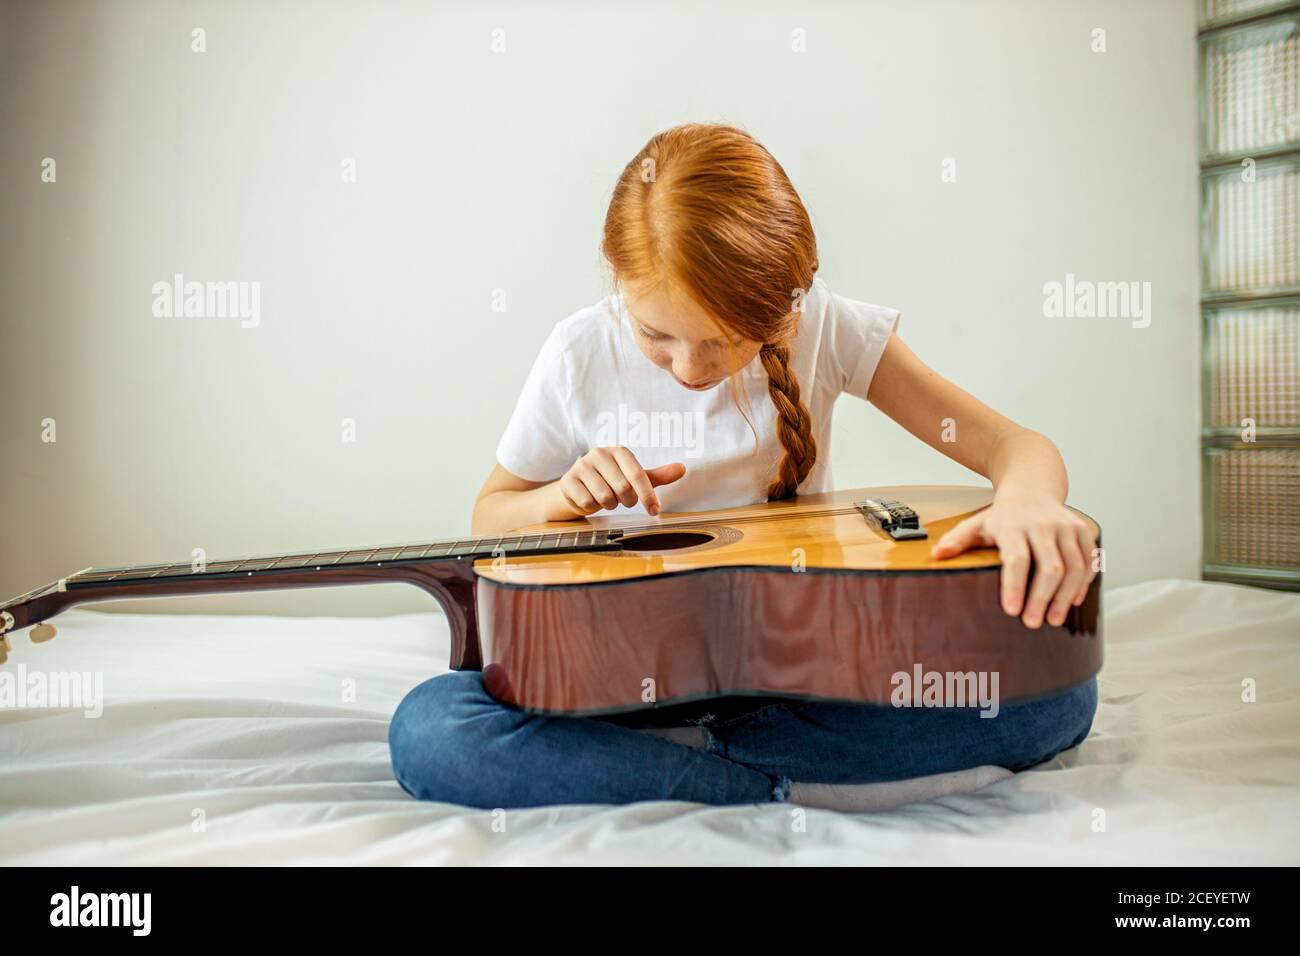 Nette liebenswert Kind blogger Gitarre spielen, sprechen bei der Kamera, wie sie gelernt, spielen akustische Gitarre, sie ist Autodidakt Stockfoto